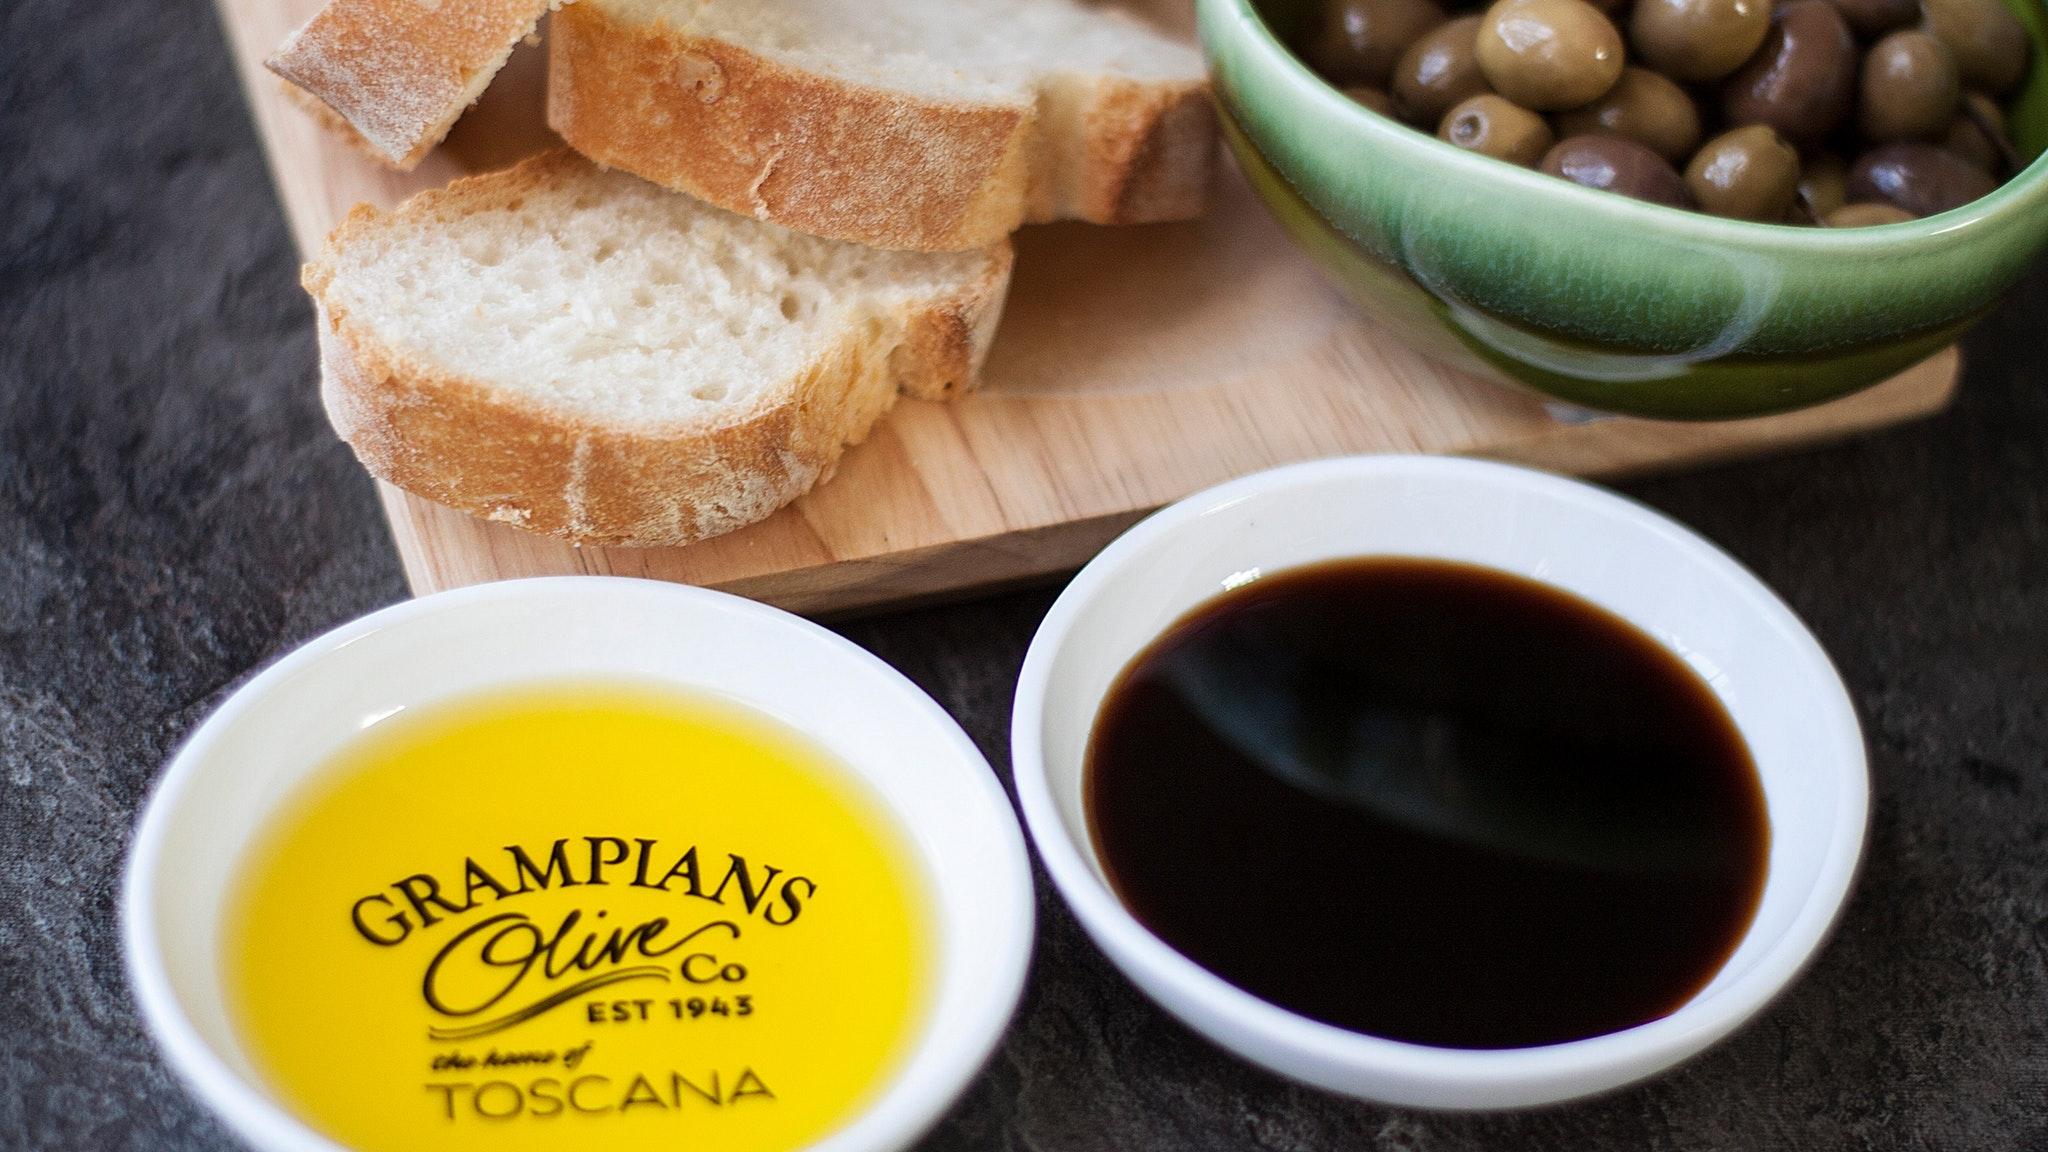 Organic olive oil, balsamic vinegar, olives